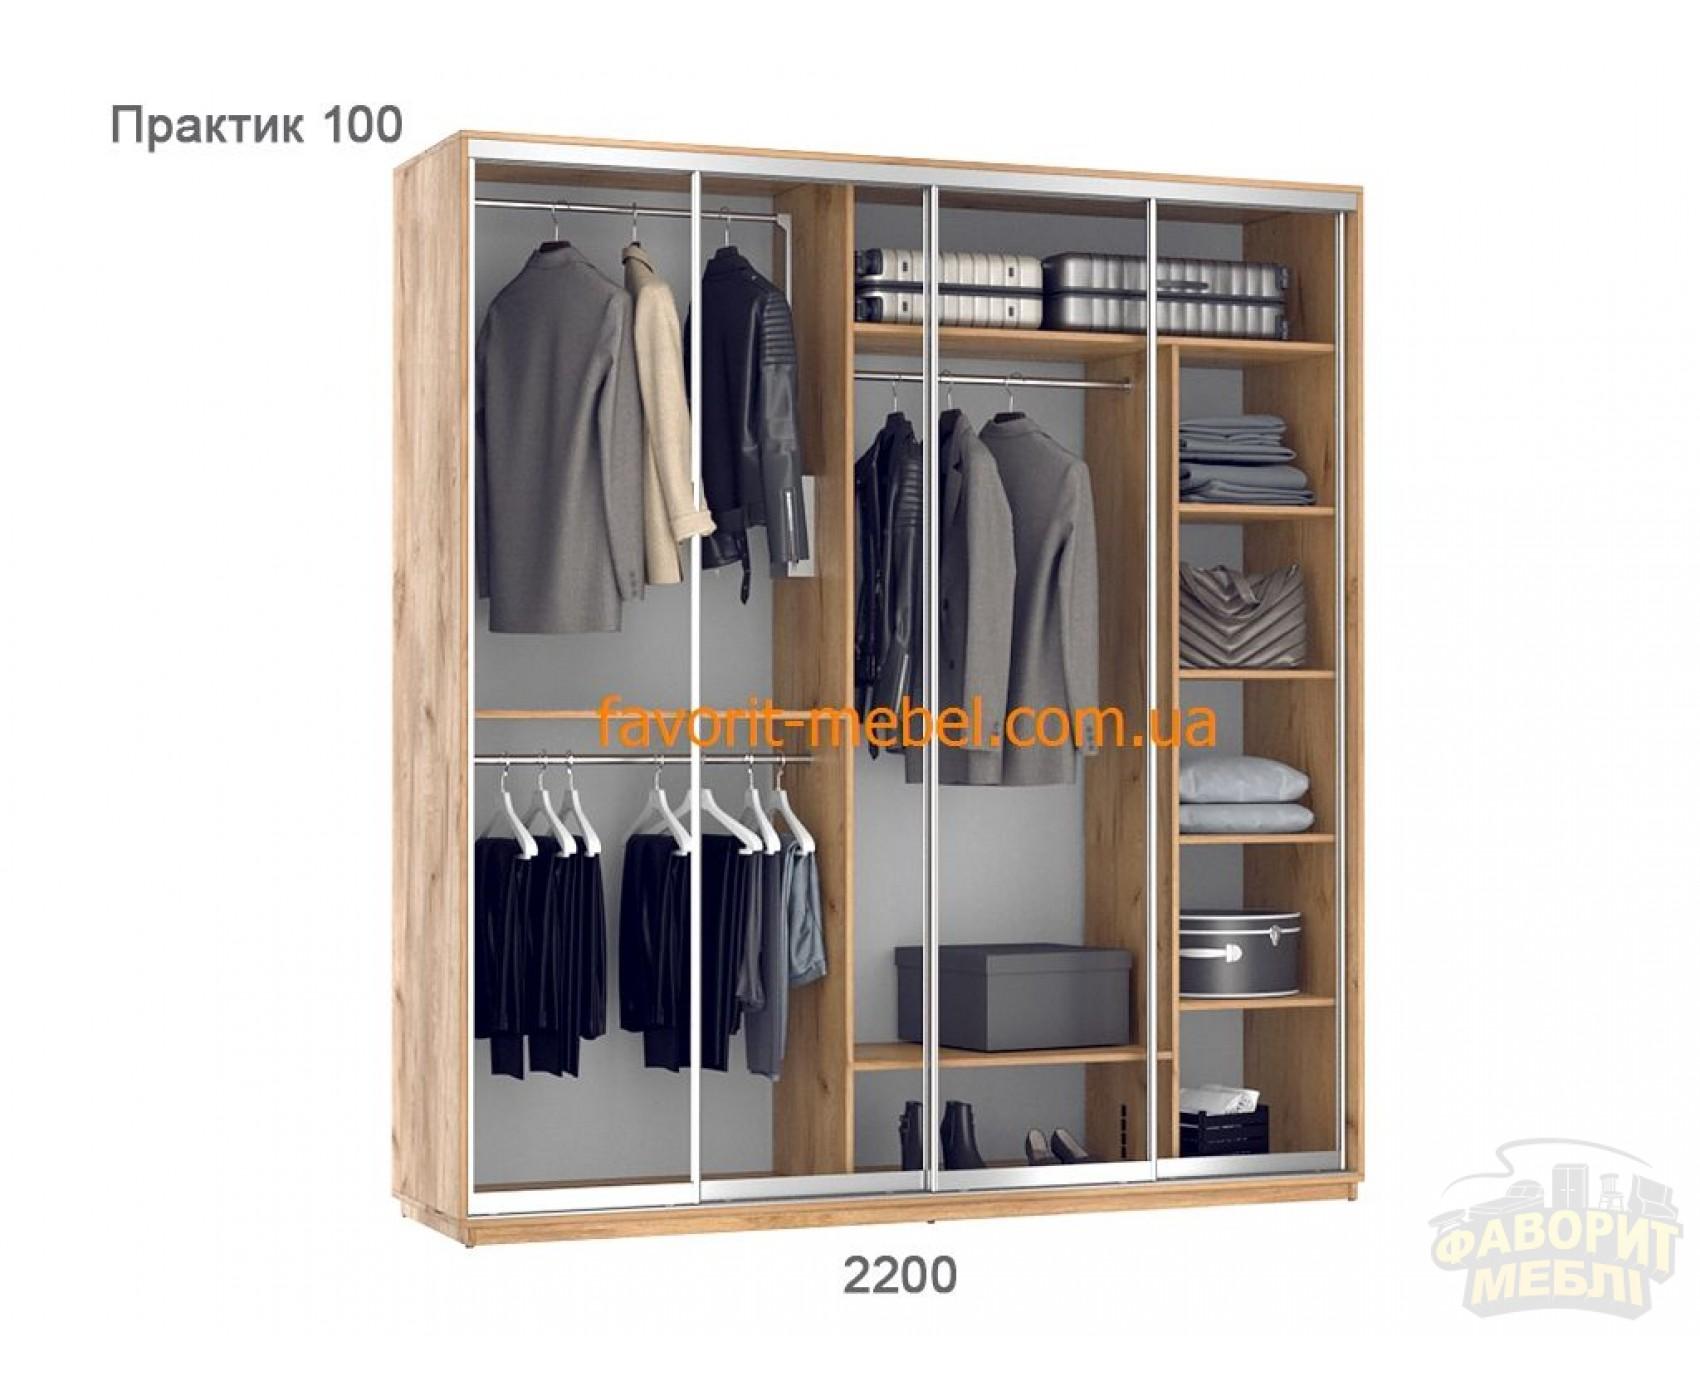 Шкаф купе Практик 100/4 (220х60х240 см)